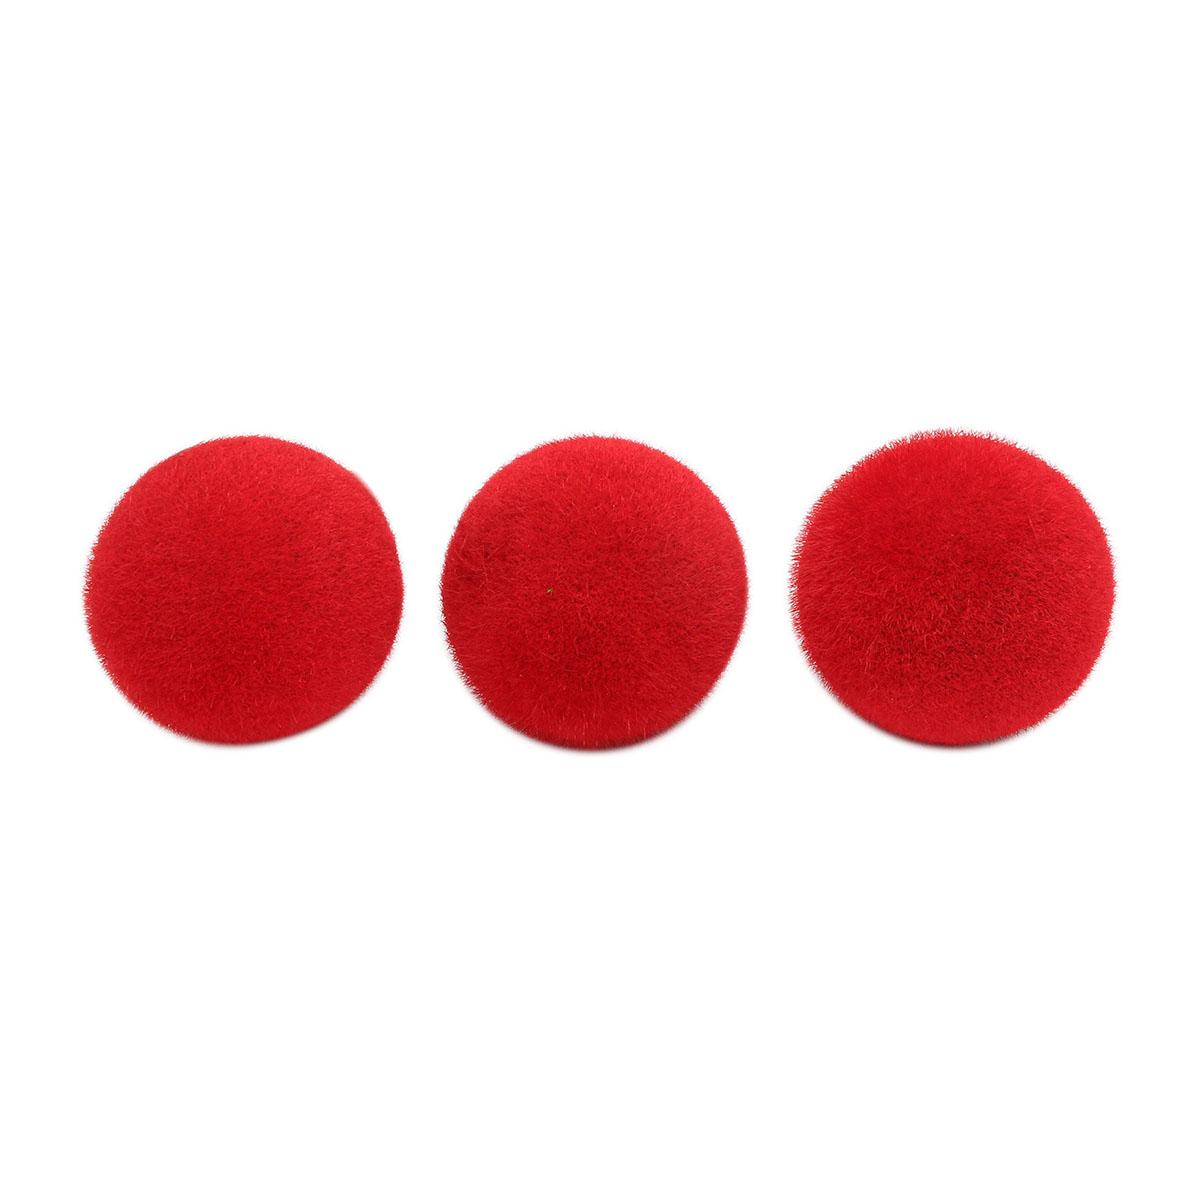 23883 Фигурка 'Шар 1', цв. красный, диам. 6,5см 3шт/упак